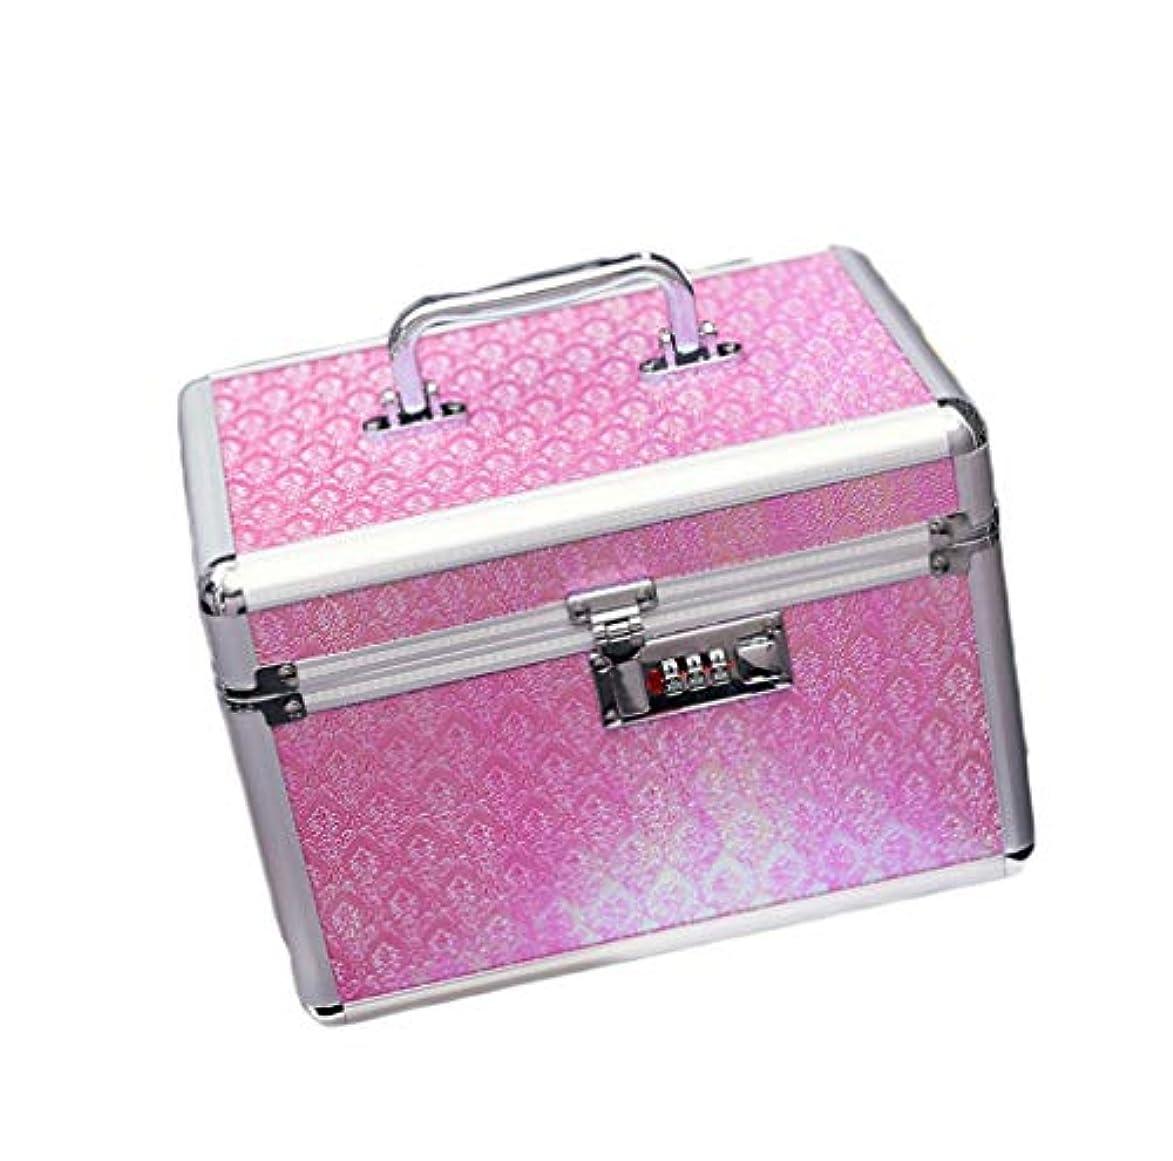 理論的グッゲンハイム美術館内なるメイクボックス バニティケース 収納 コスメケース 鏡付き 携帯ケース バニティボックス メイクBOX 29*20*20 化粧箱 ドレッサー 化粧入れ 化粧品 ピンク おしゃれ 大容量 コスメボックス メイクボックス 鍵付き